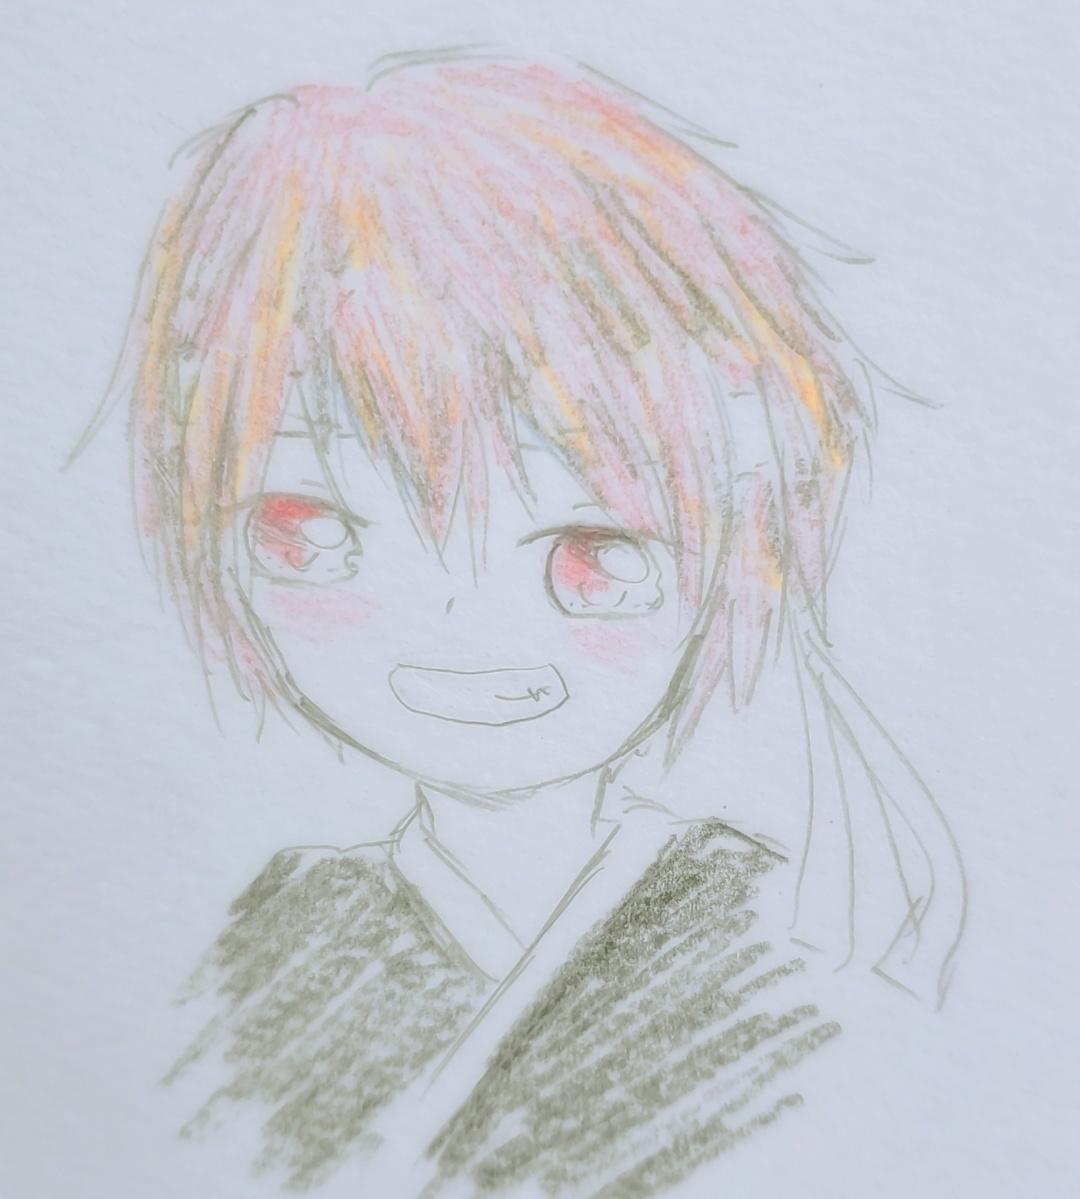 1000円以下で貴方のイメージキャラクター描きます 1000円以下です!気にいるまで何度でも描きなおしOKです!